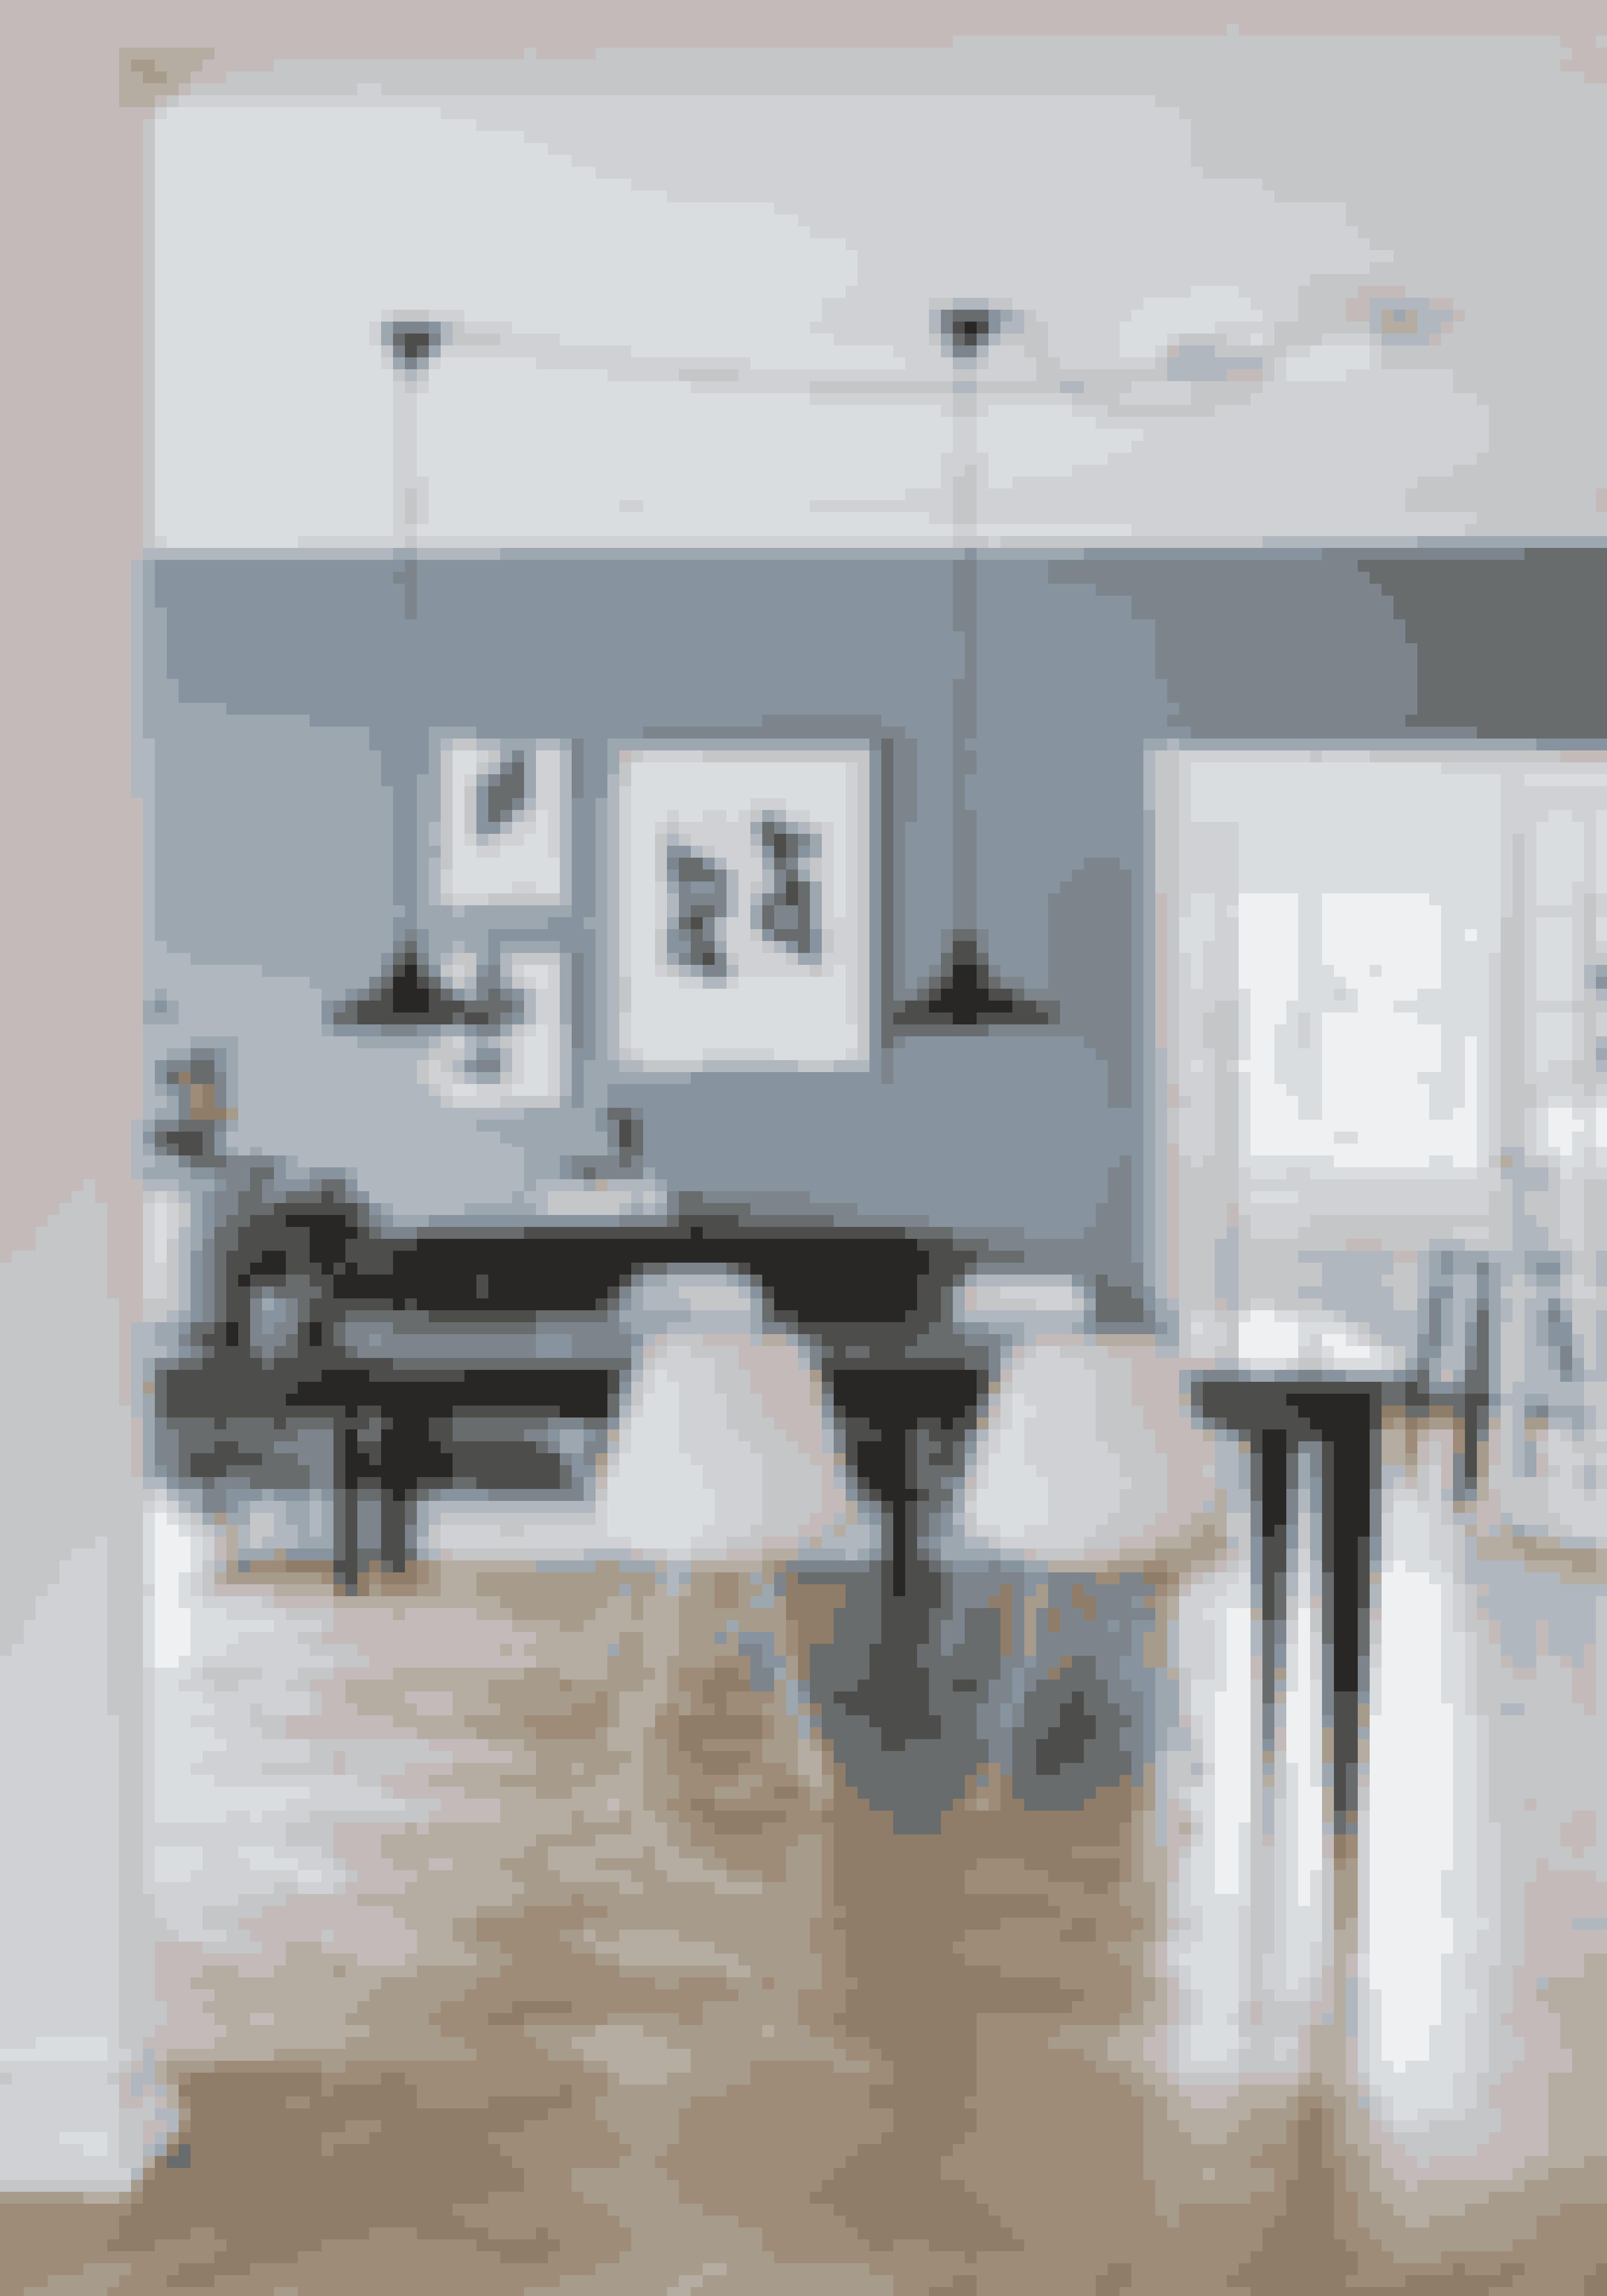 Kombinér tunge møbler med lettere moderne, og sæt klassikere sammen på kryds og tværs, hvis du vil give kant til de klassiske rammer.